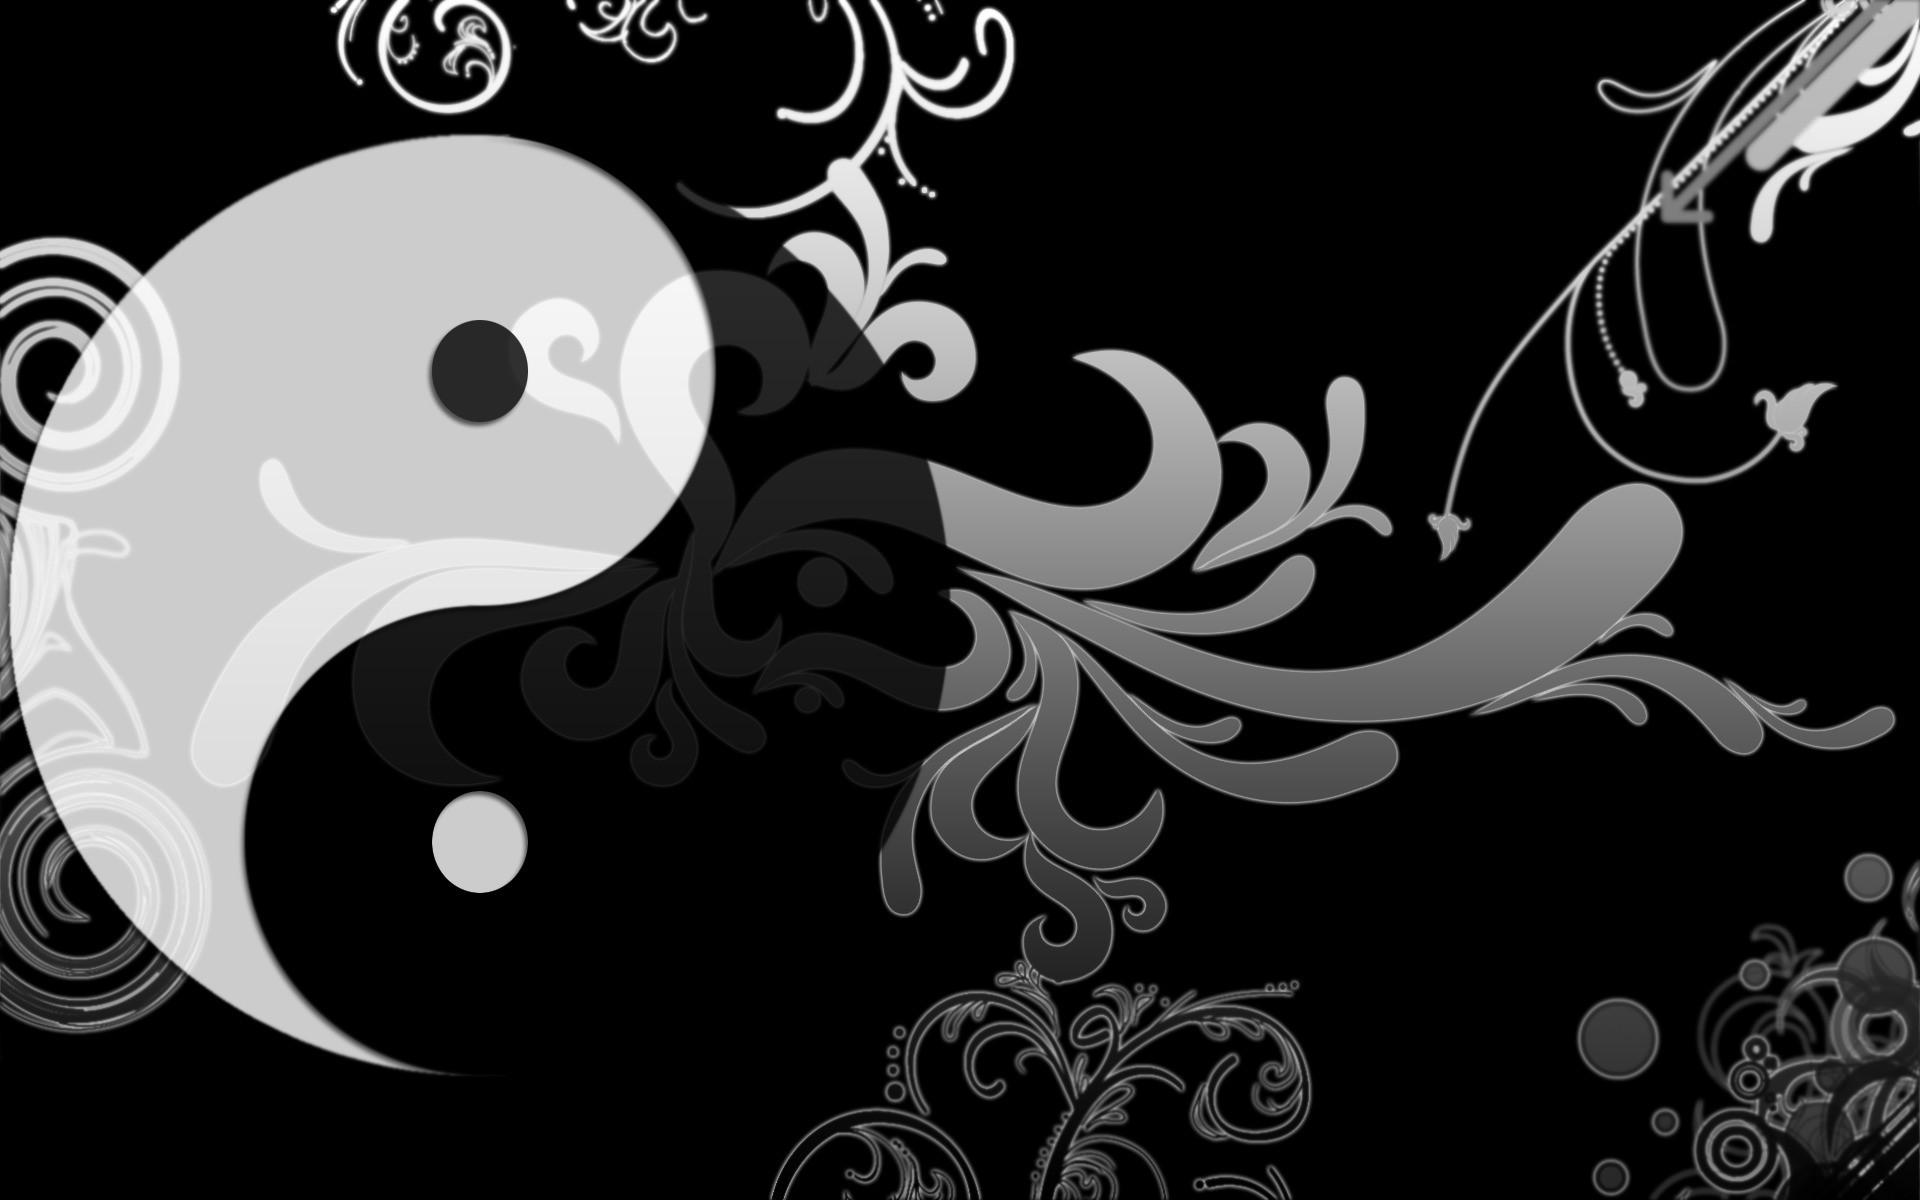 Yin And Yang Widescreen Wallpaper – #18628